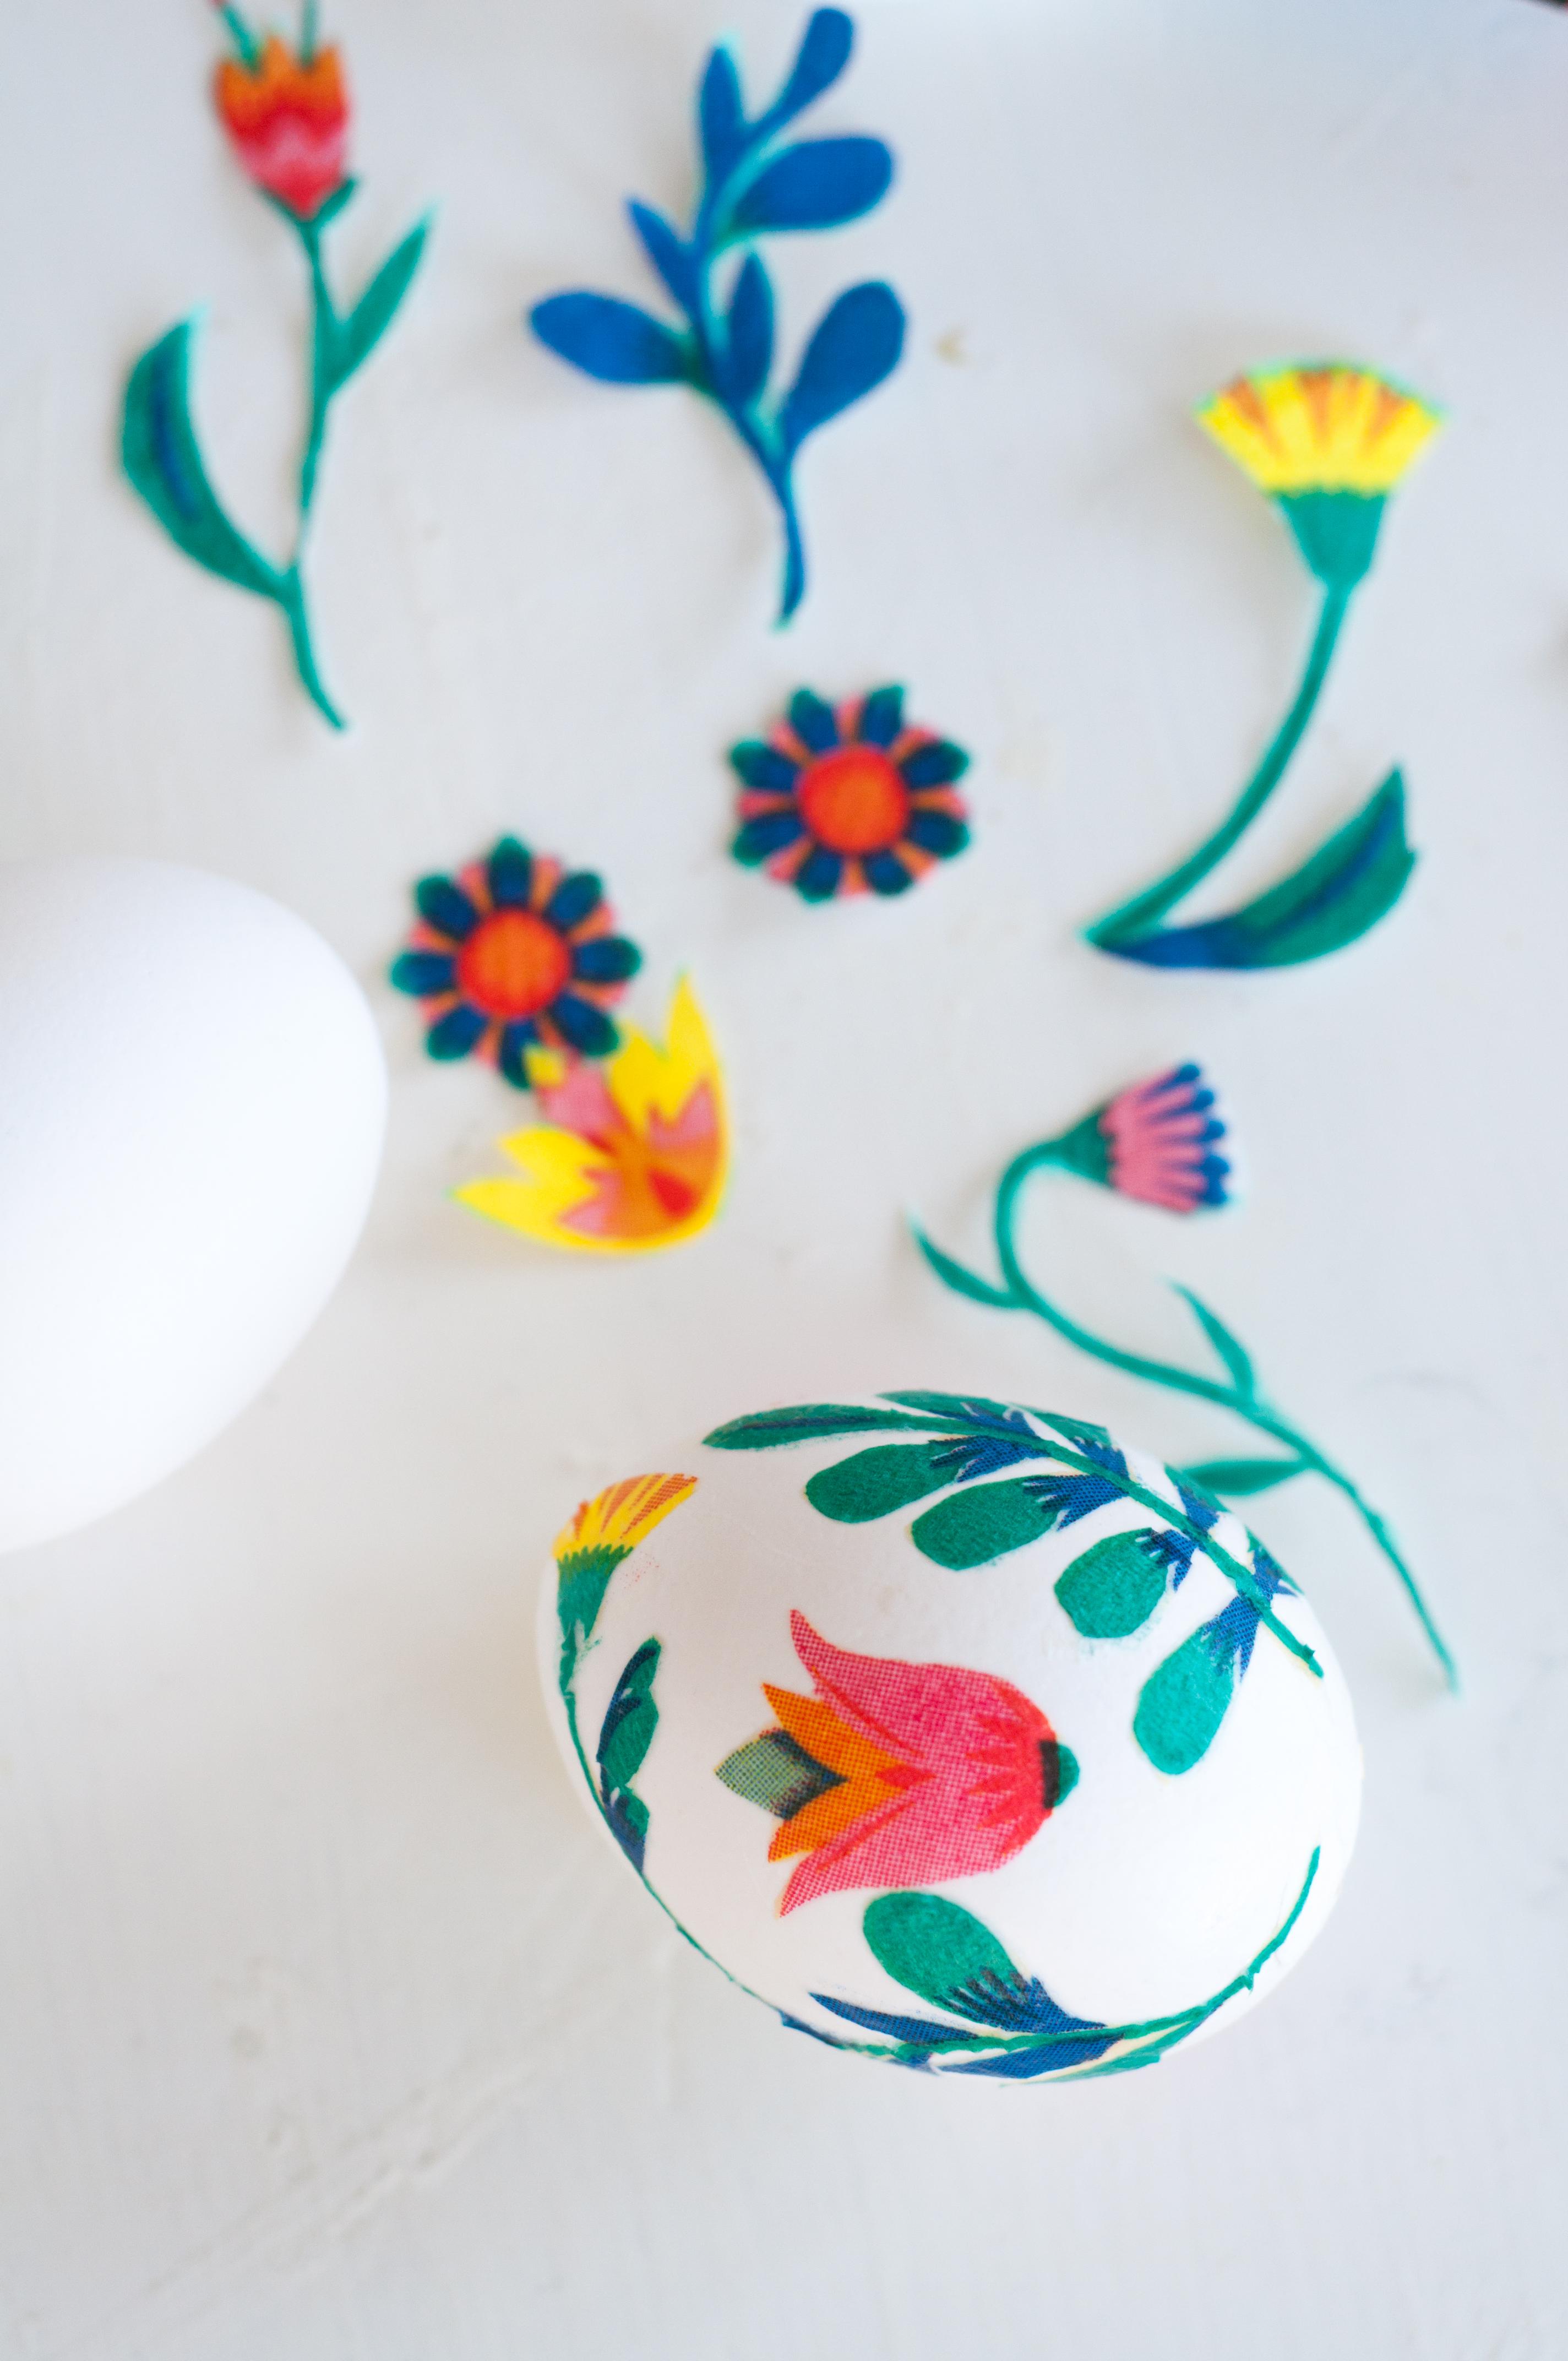 Påskpyssel - Dekorera ägg med decoupage - Fröken Turkos